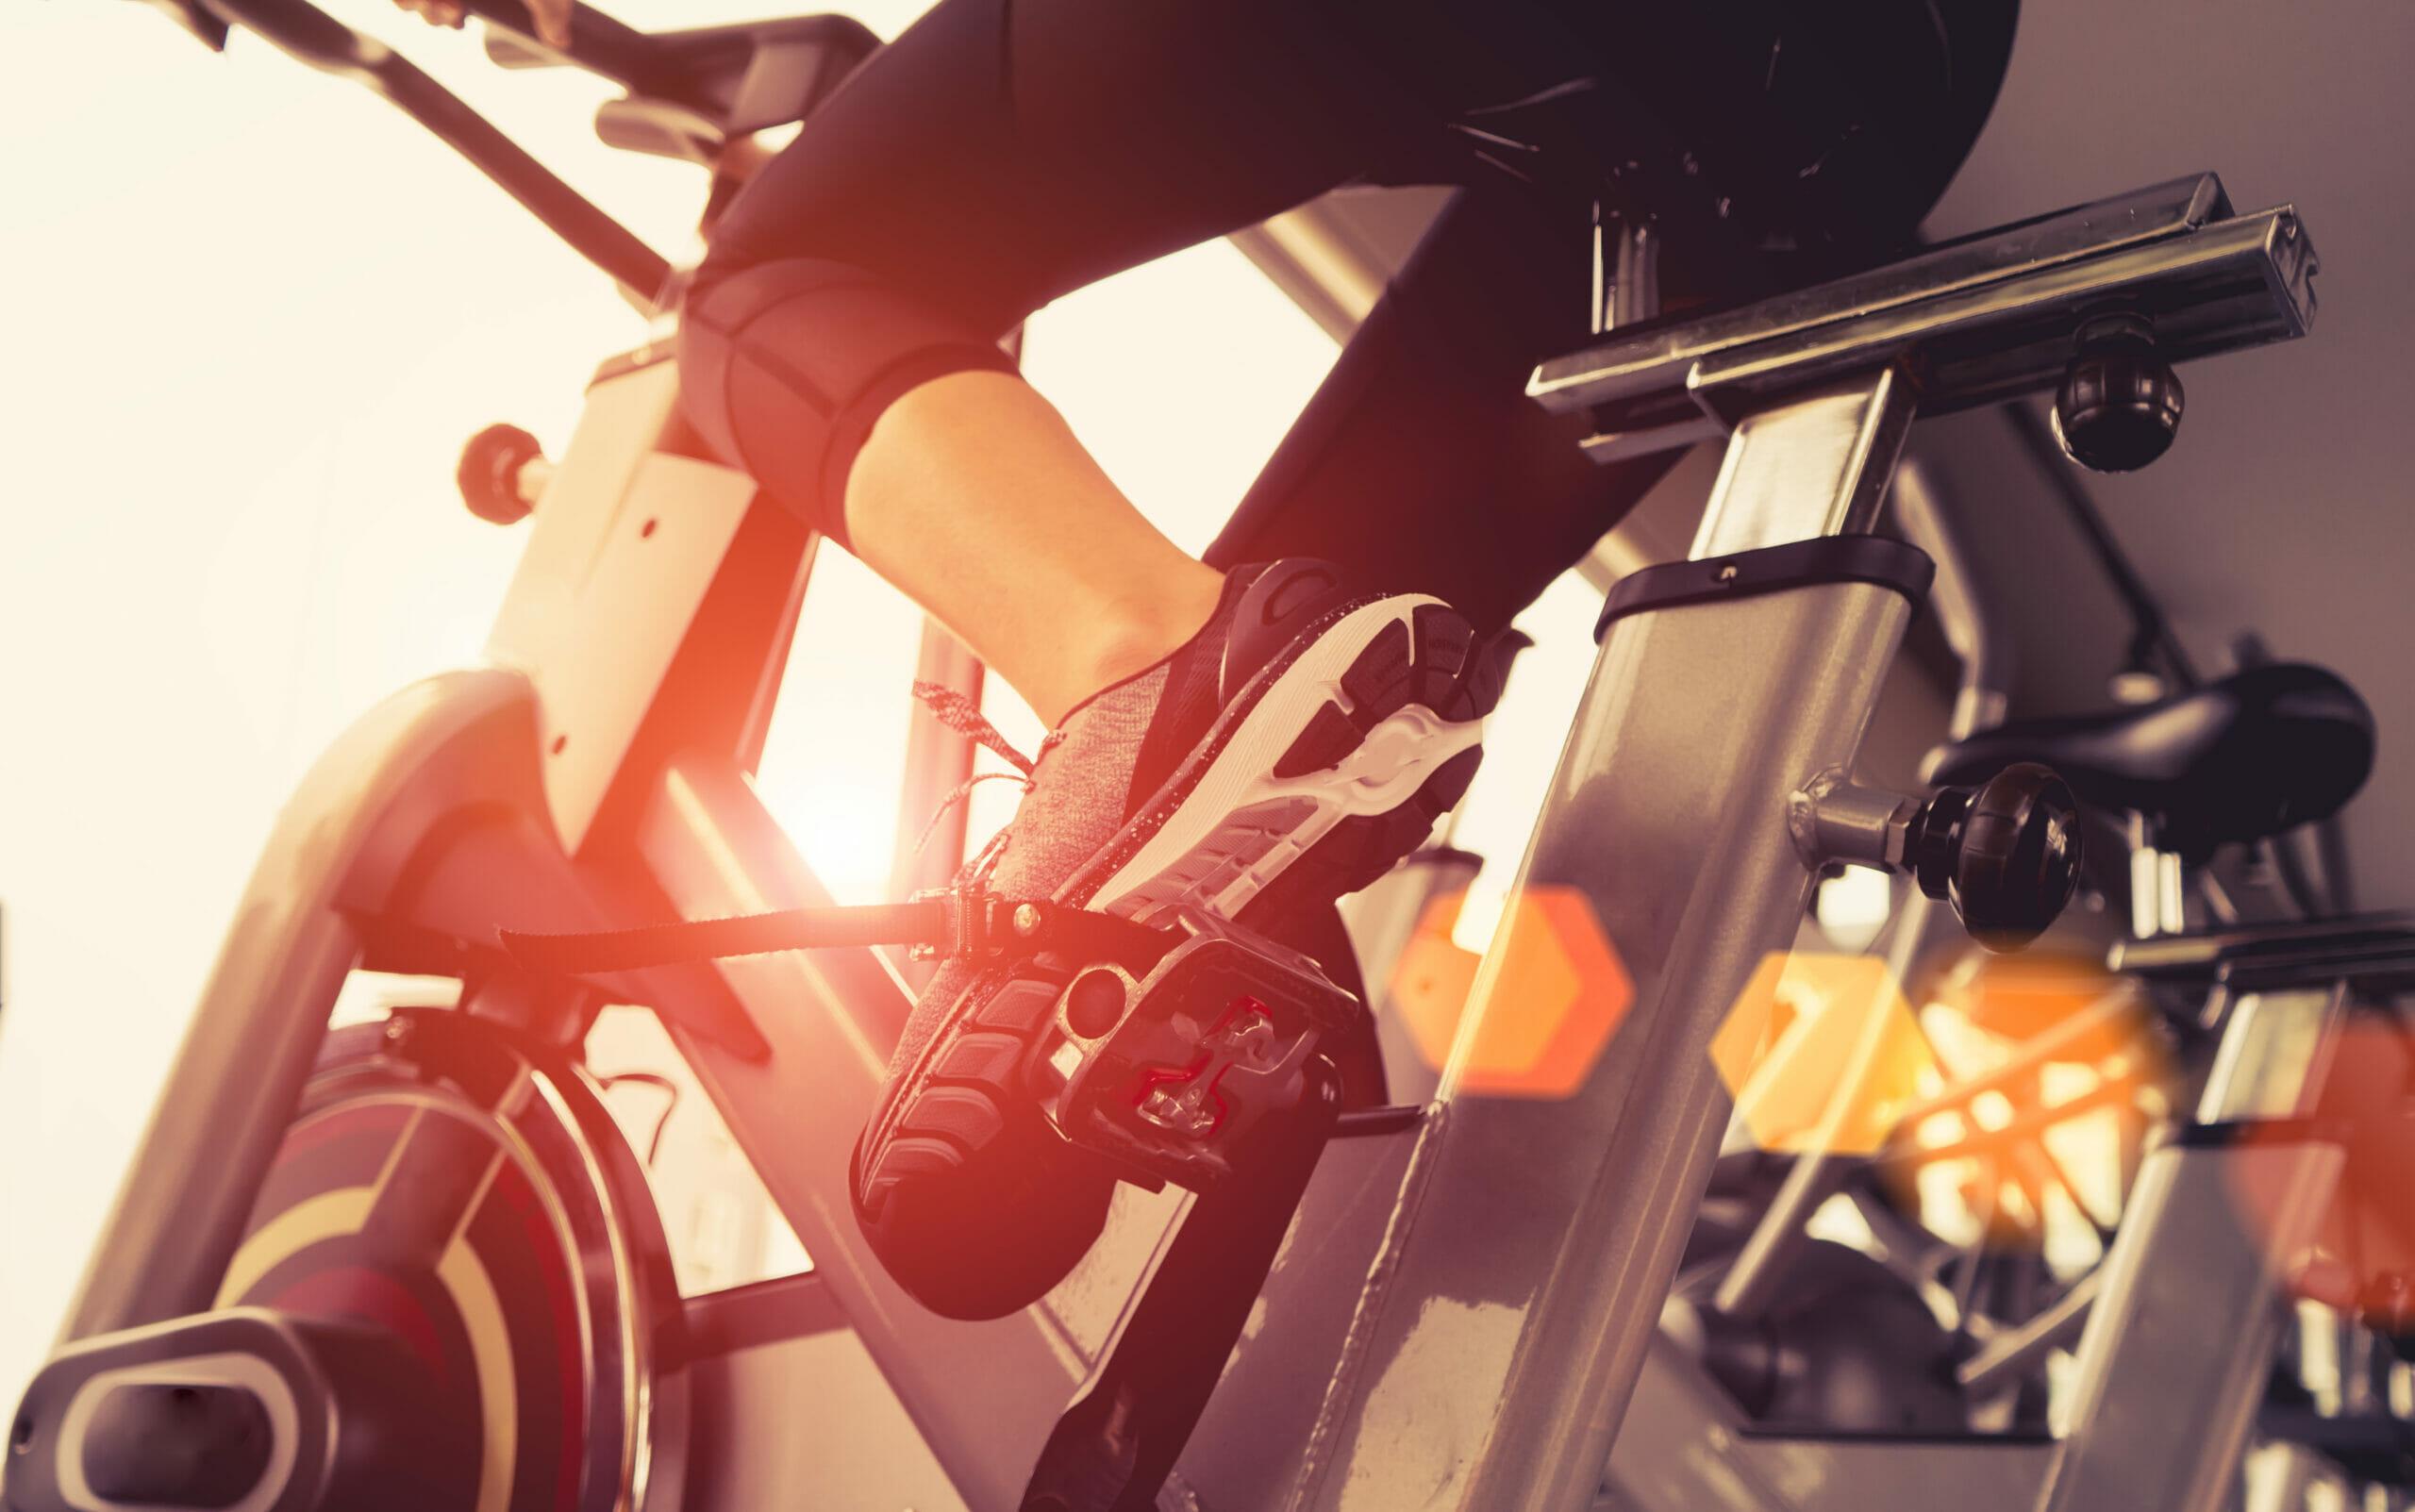 horizon gr3 indoor cycle review